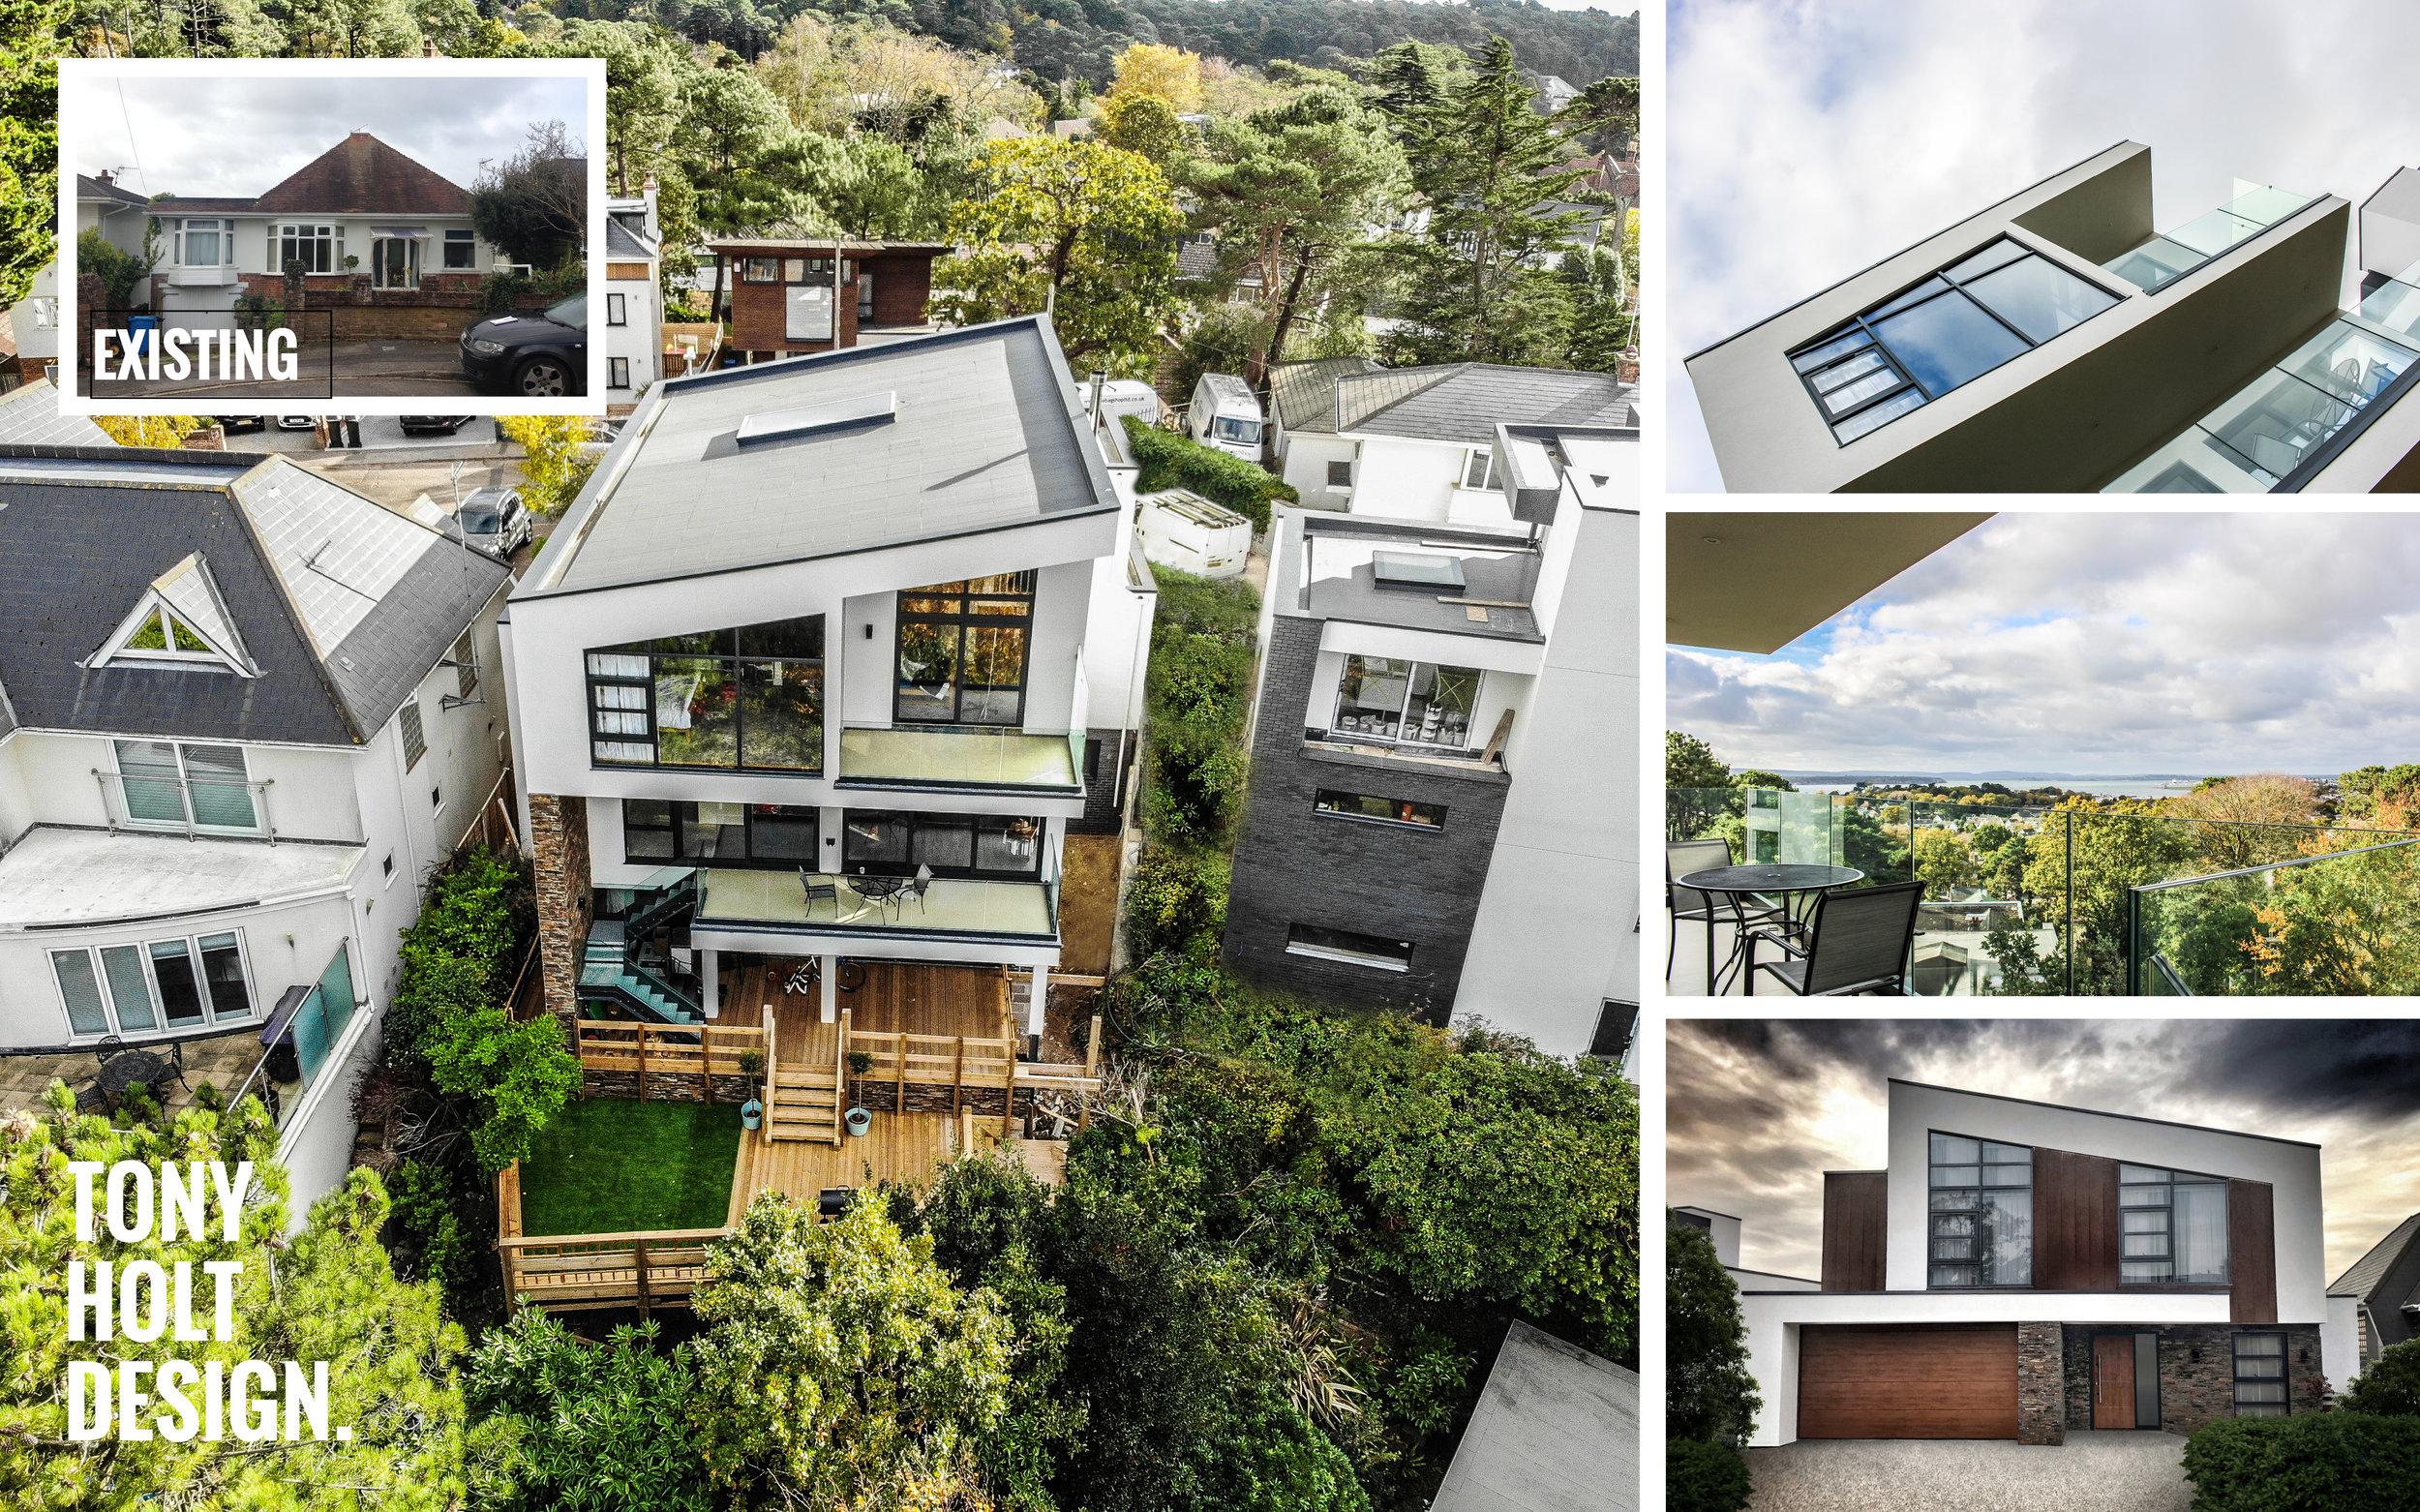 Tony Holt Design_Excelsior Road_Self Build_Remodel_Collage 01_WEB.jpg